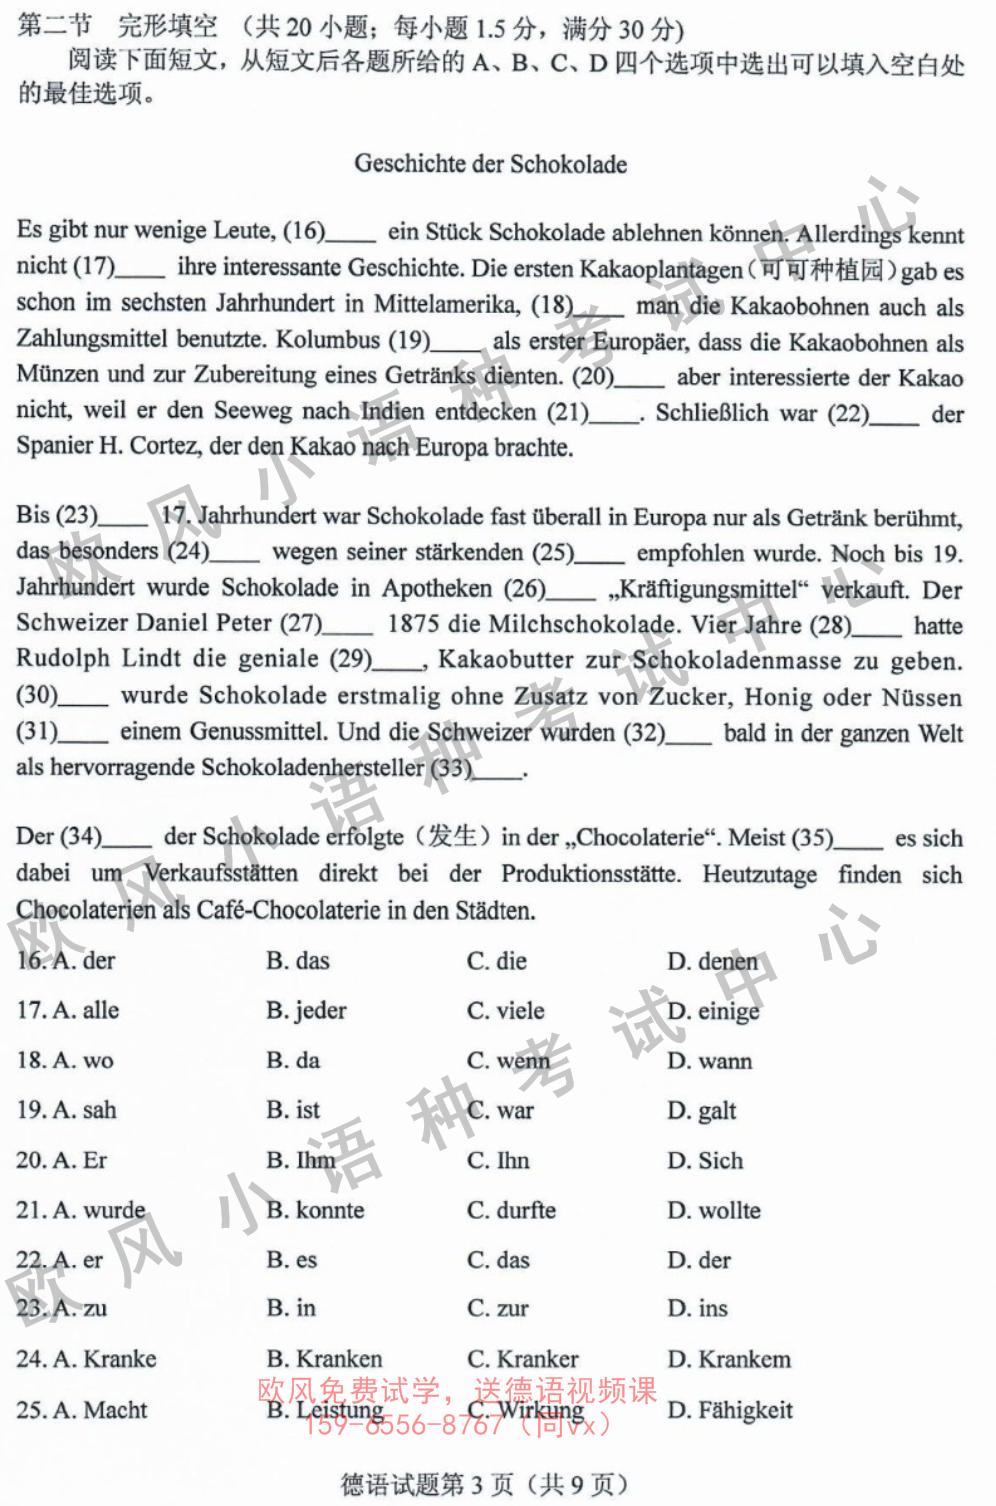 2020全国高考德语试卷试题3